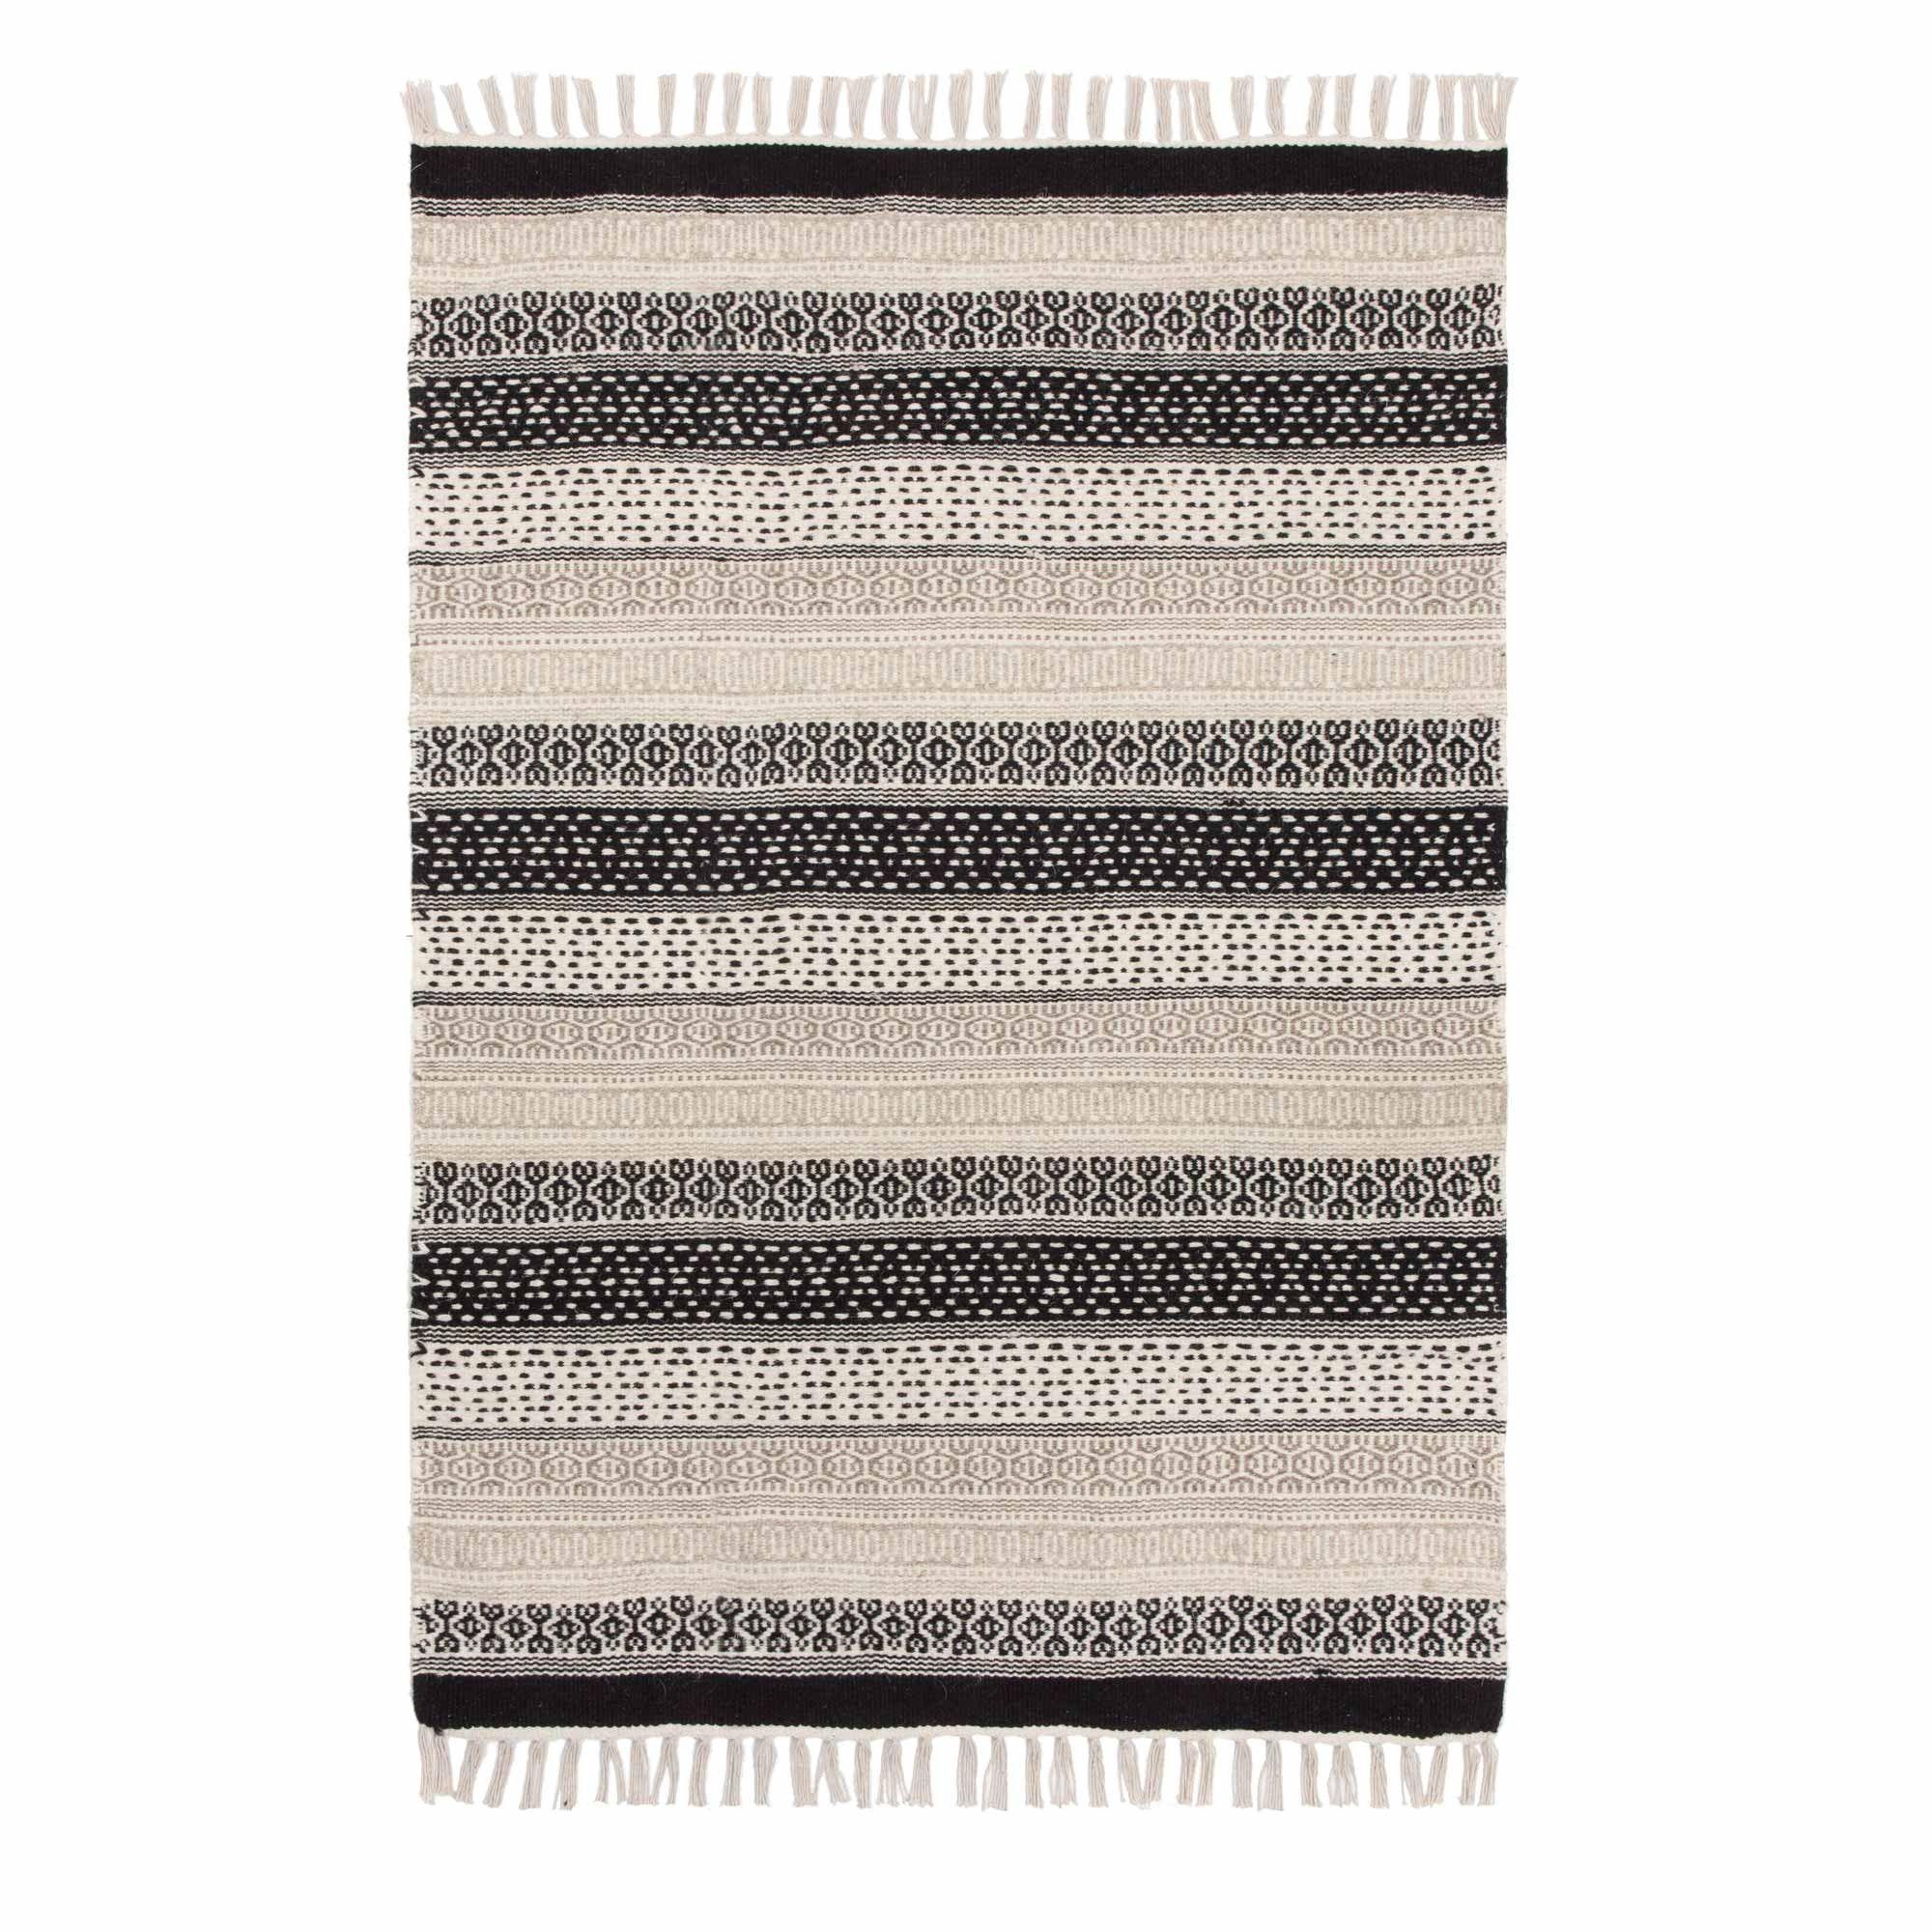 Teppich Peruva Rugs Cotton Runner Geometric Design